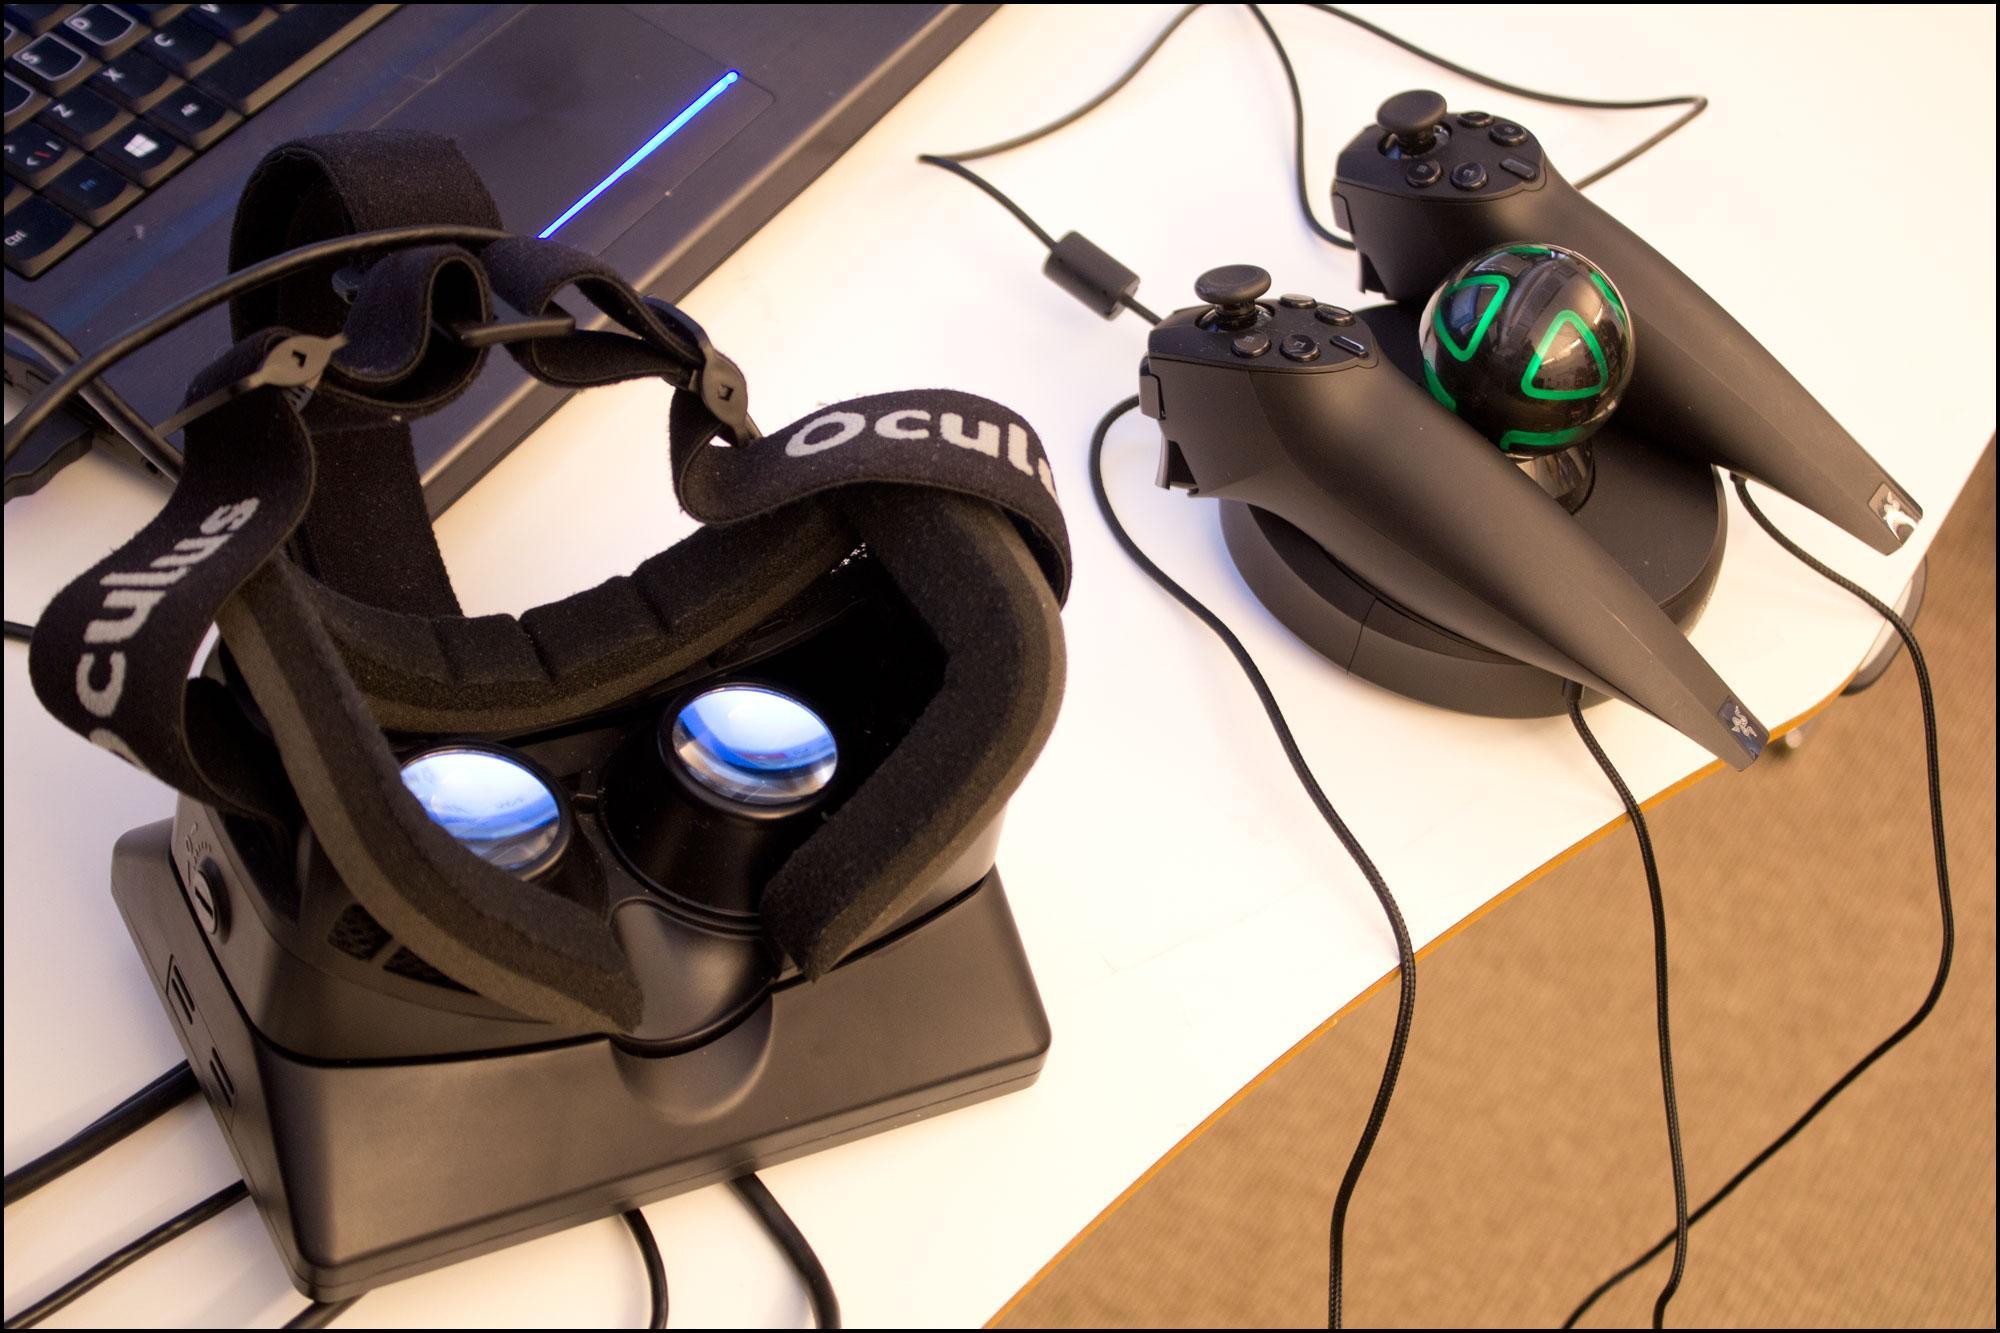 Oculus Rift og Razer Hydra sammen lar deg bruke hendene i den virtuelle verdenen.Foto: Varg Aamo, Hardware.no